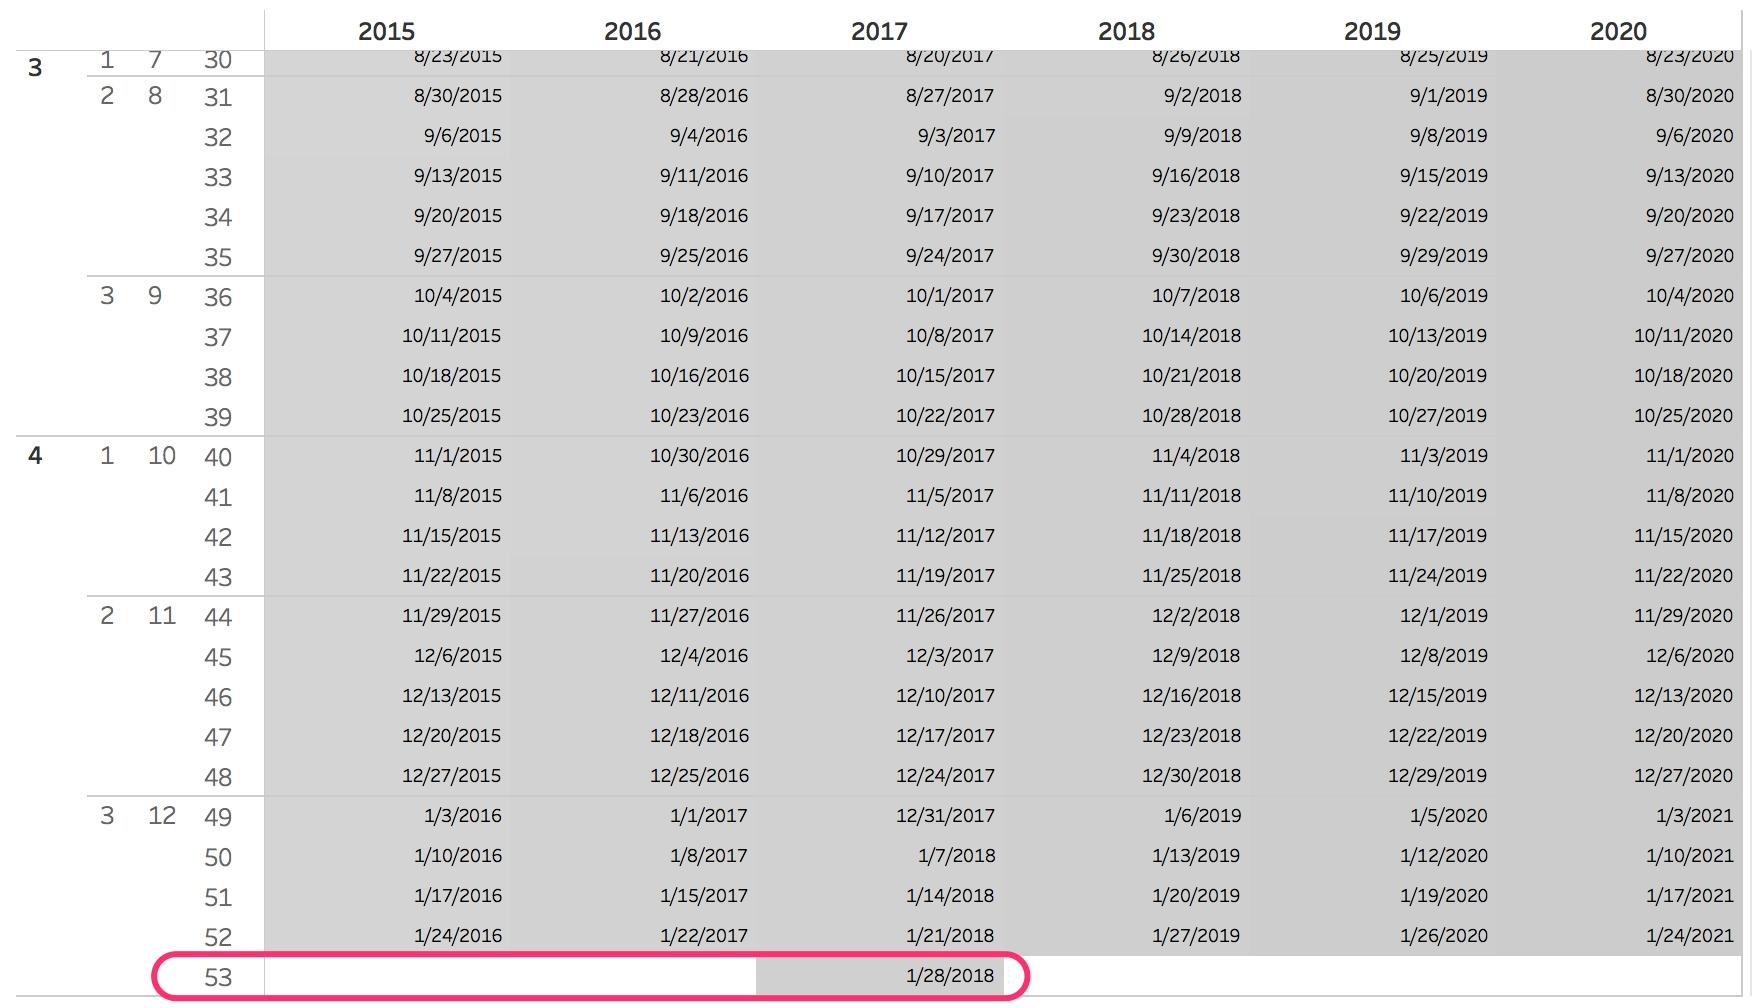 Creating A 4-5-4 Retail Calendar Using Sql And Dbt | Calogica 2019 Calendar 4-5-4